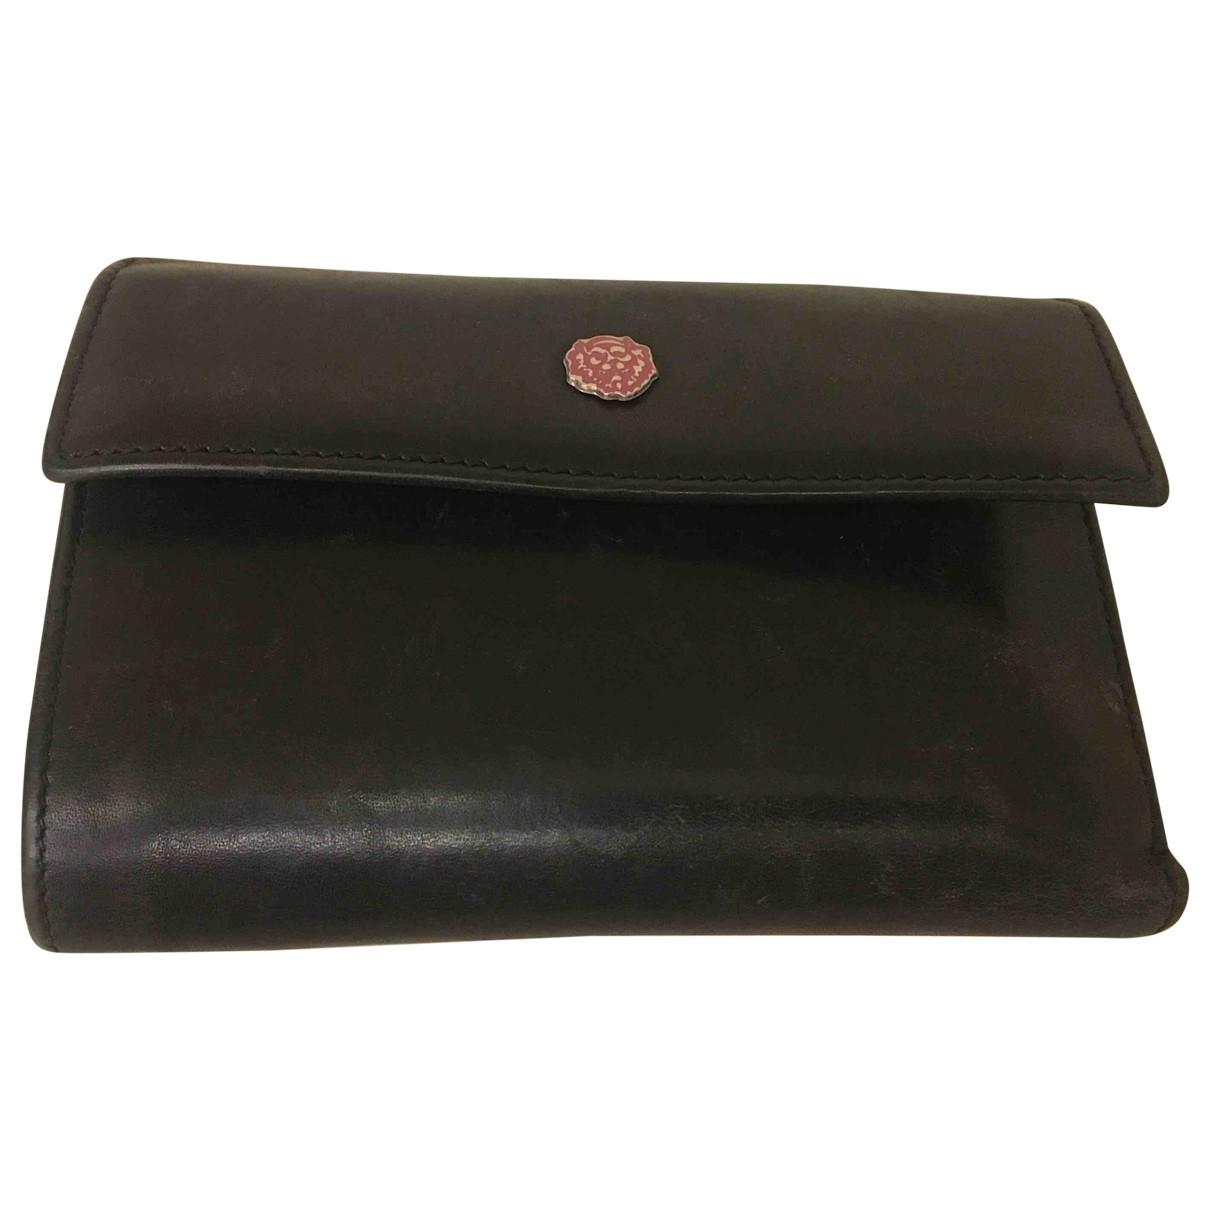 Versus \N Black Leather wallet for Women \N